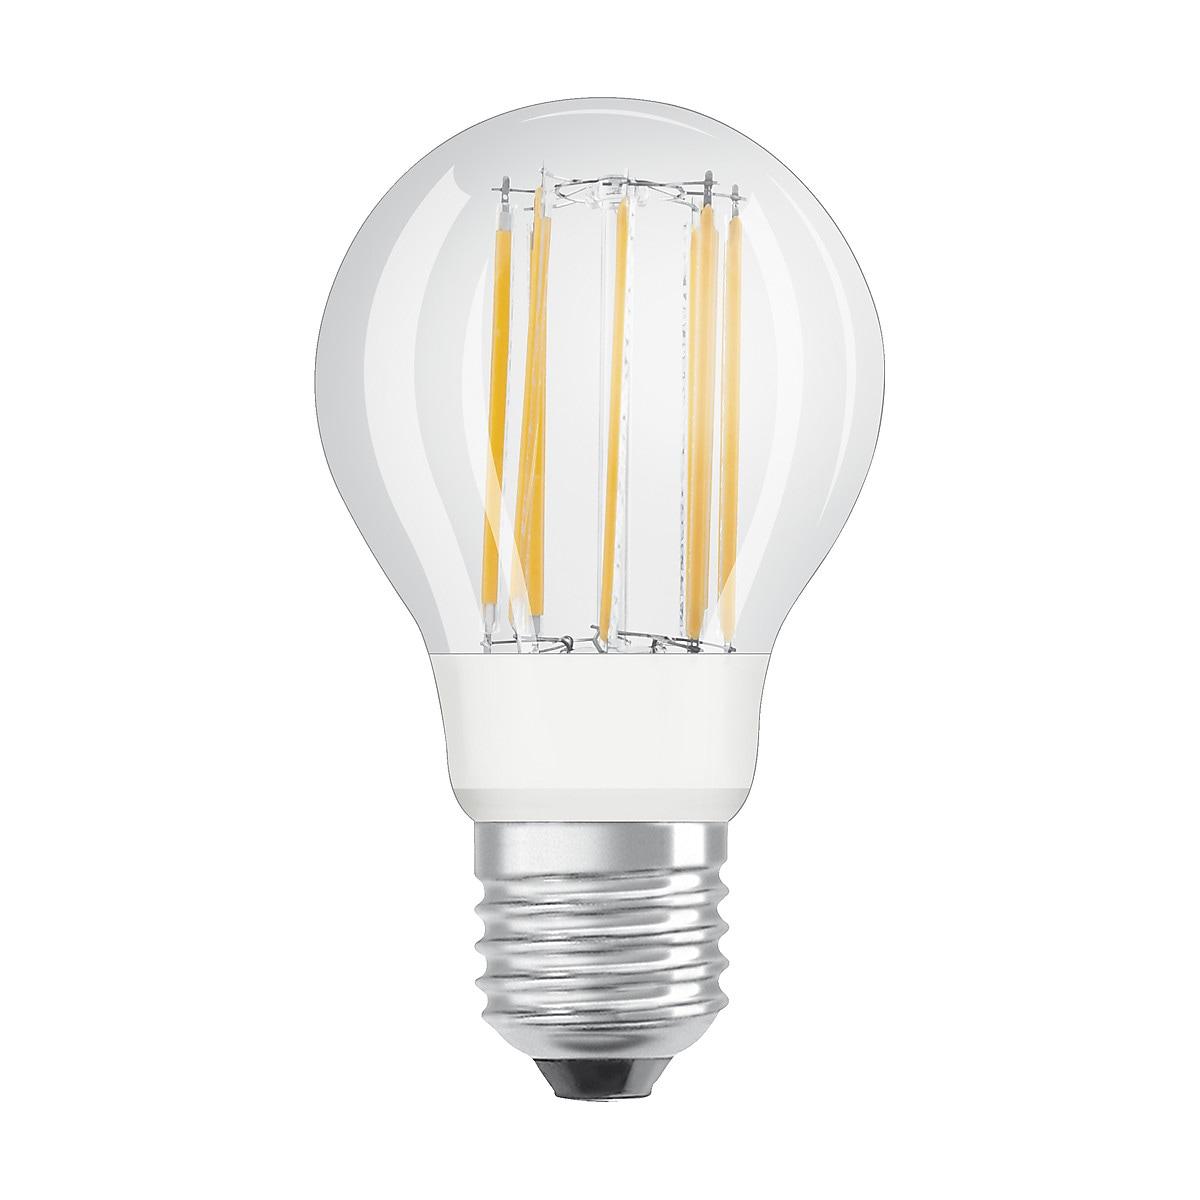 Dimbar normallampa Retrofit LED kallvit E27 Osram